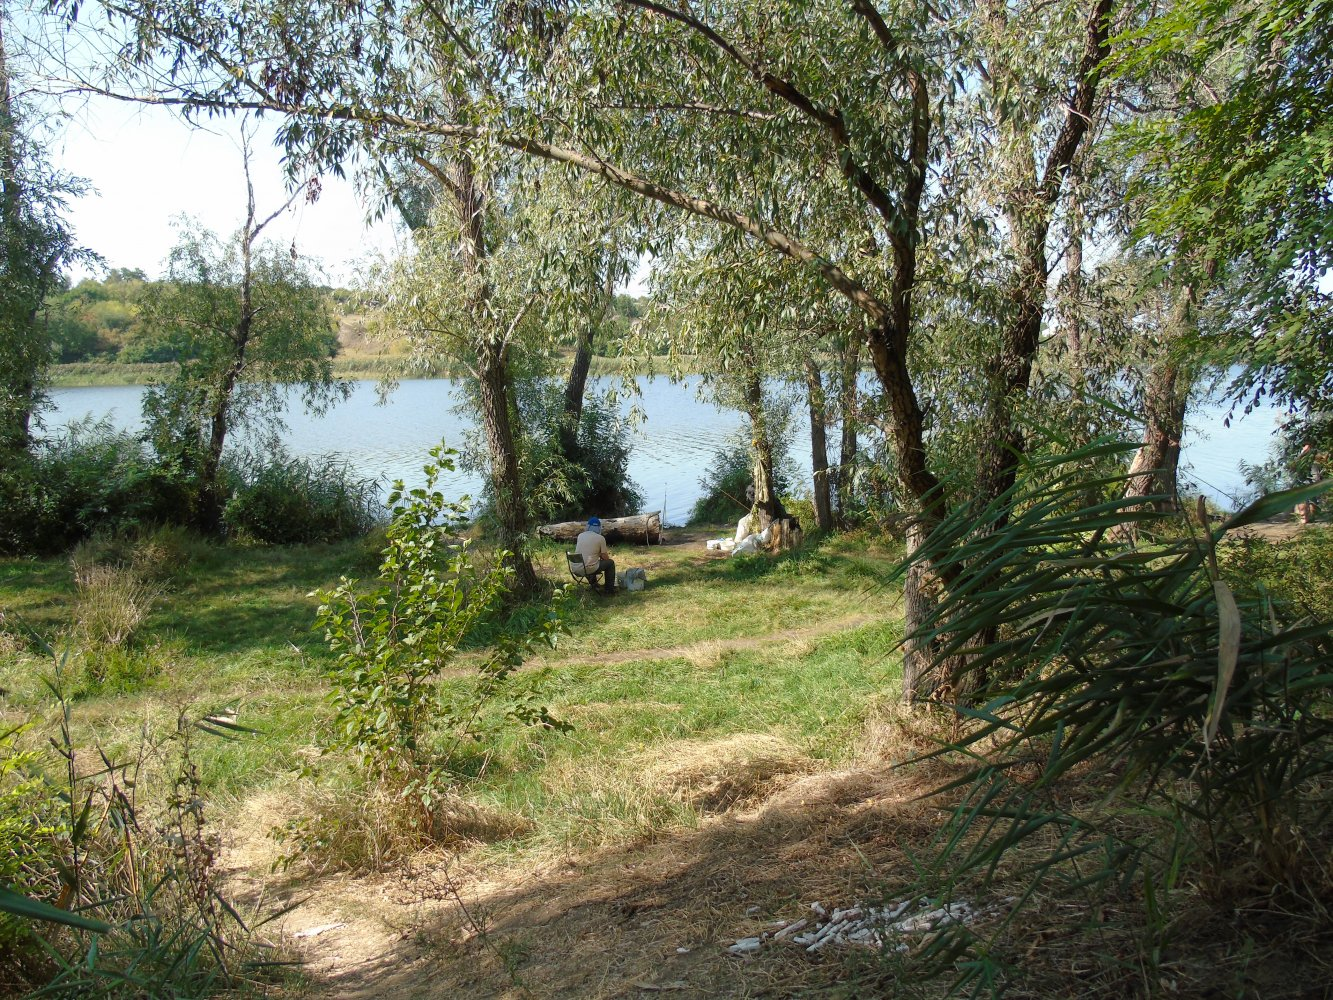 Фото DSC09214.JPG. Украина, Дніпропетровська область, Unnamed Road